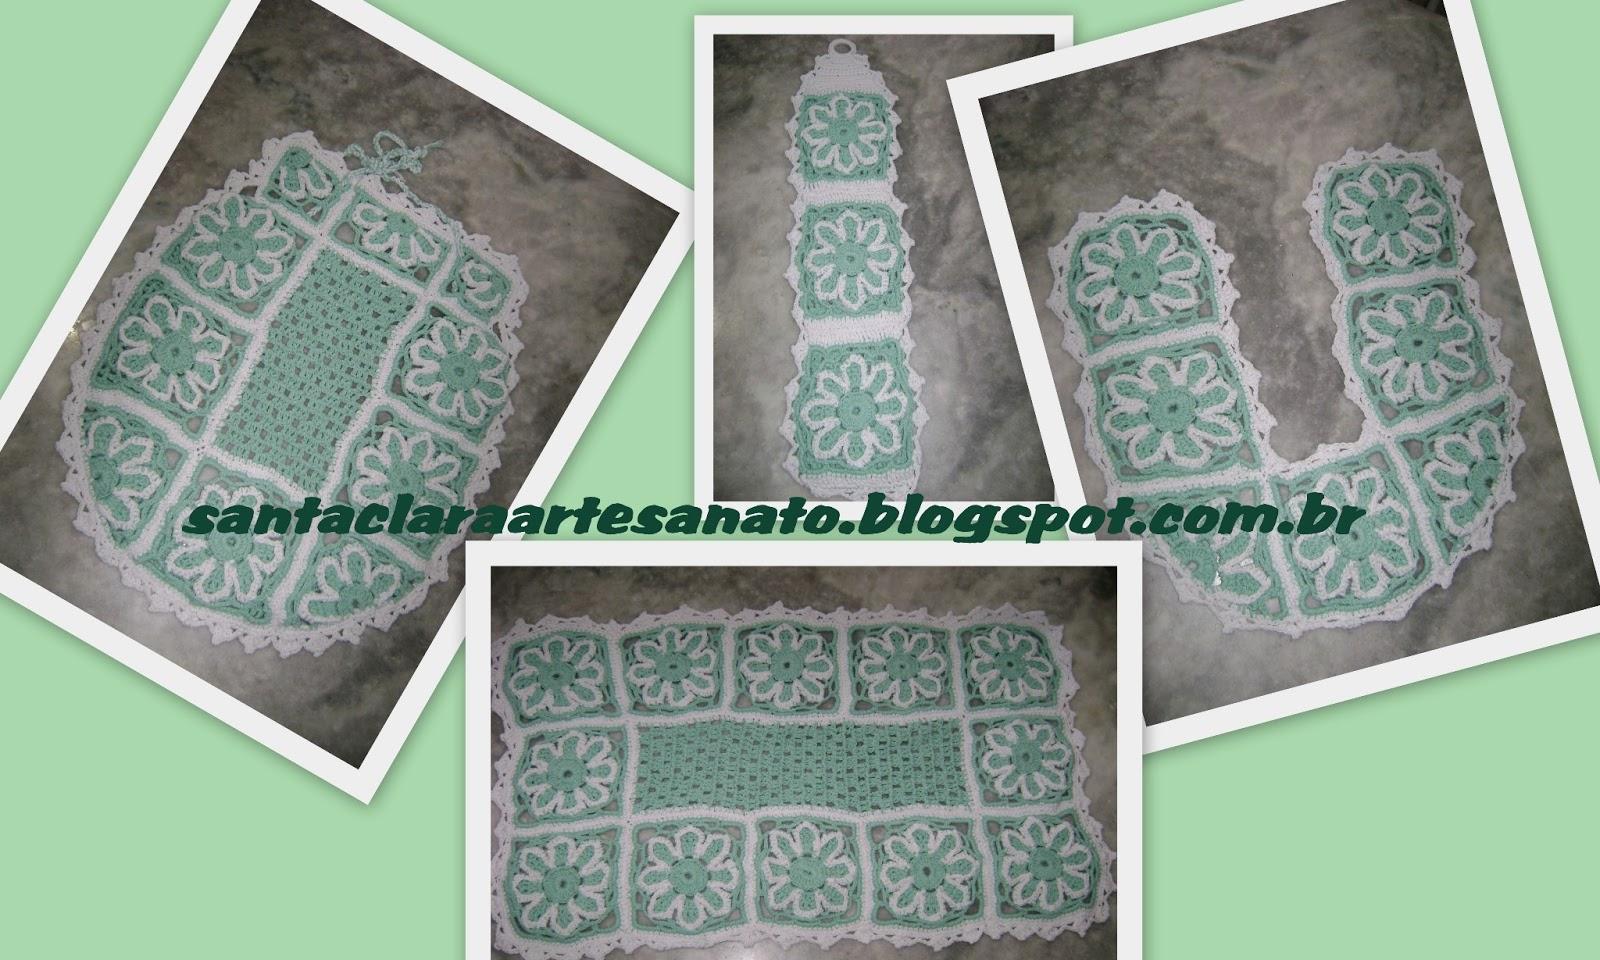 Jogo De Banheiro Verde E Branco : Santa clara artesanato jogo de banheiro verde e branco